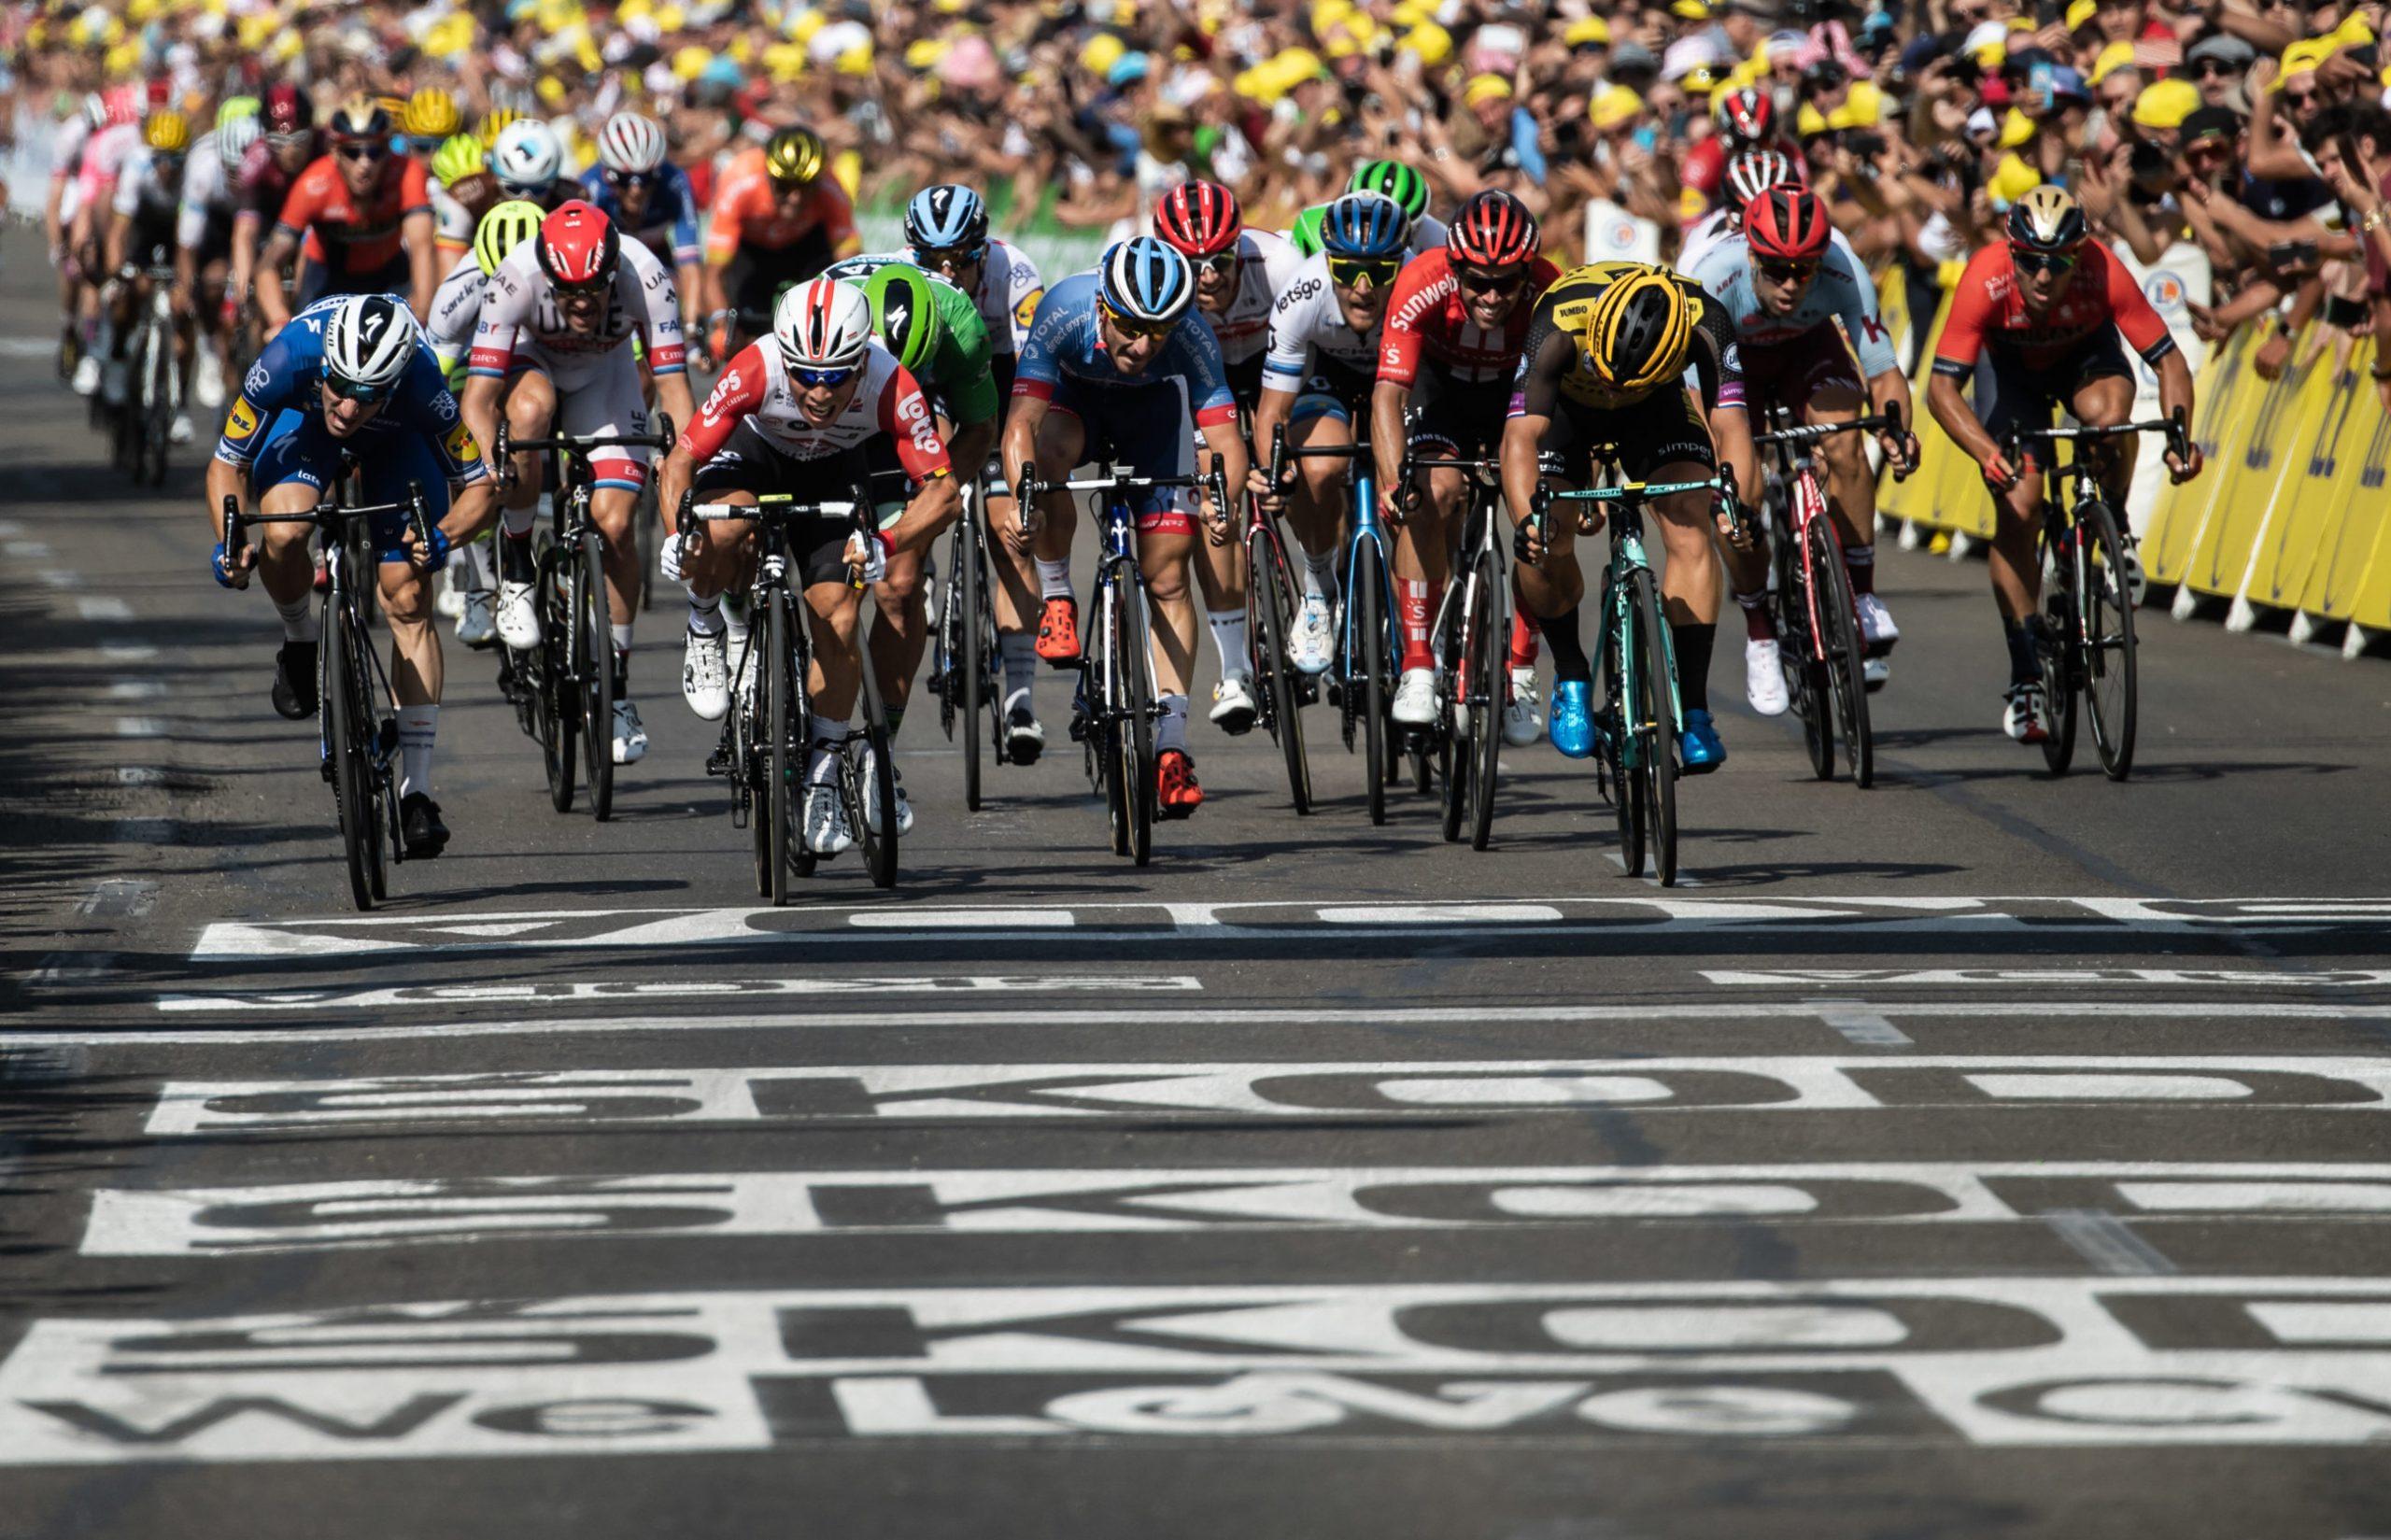 Tour de France: Går tilbake på omdiskutert korona-regel